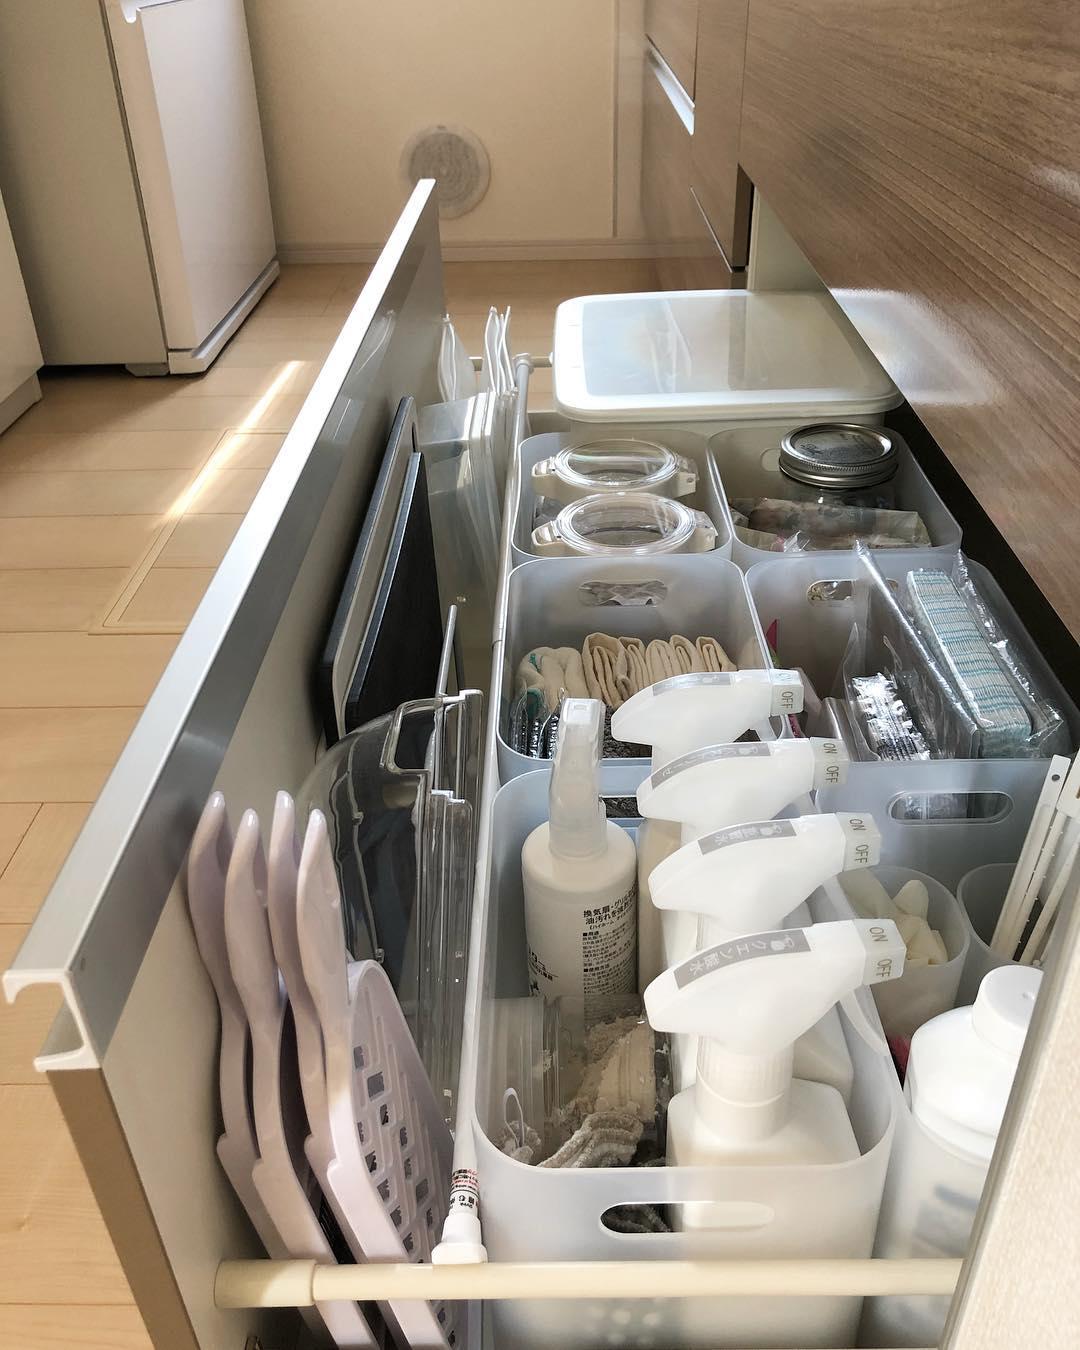 キッチン掃除用品はシンク下に収納